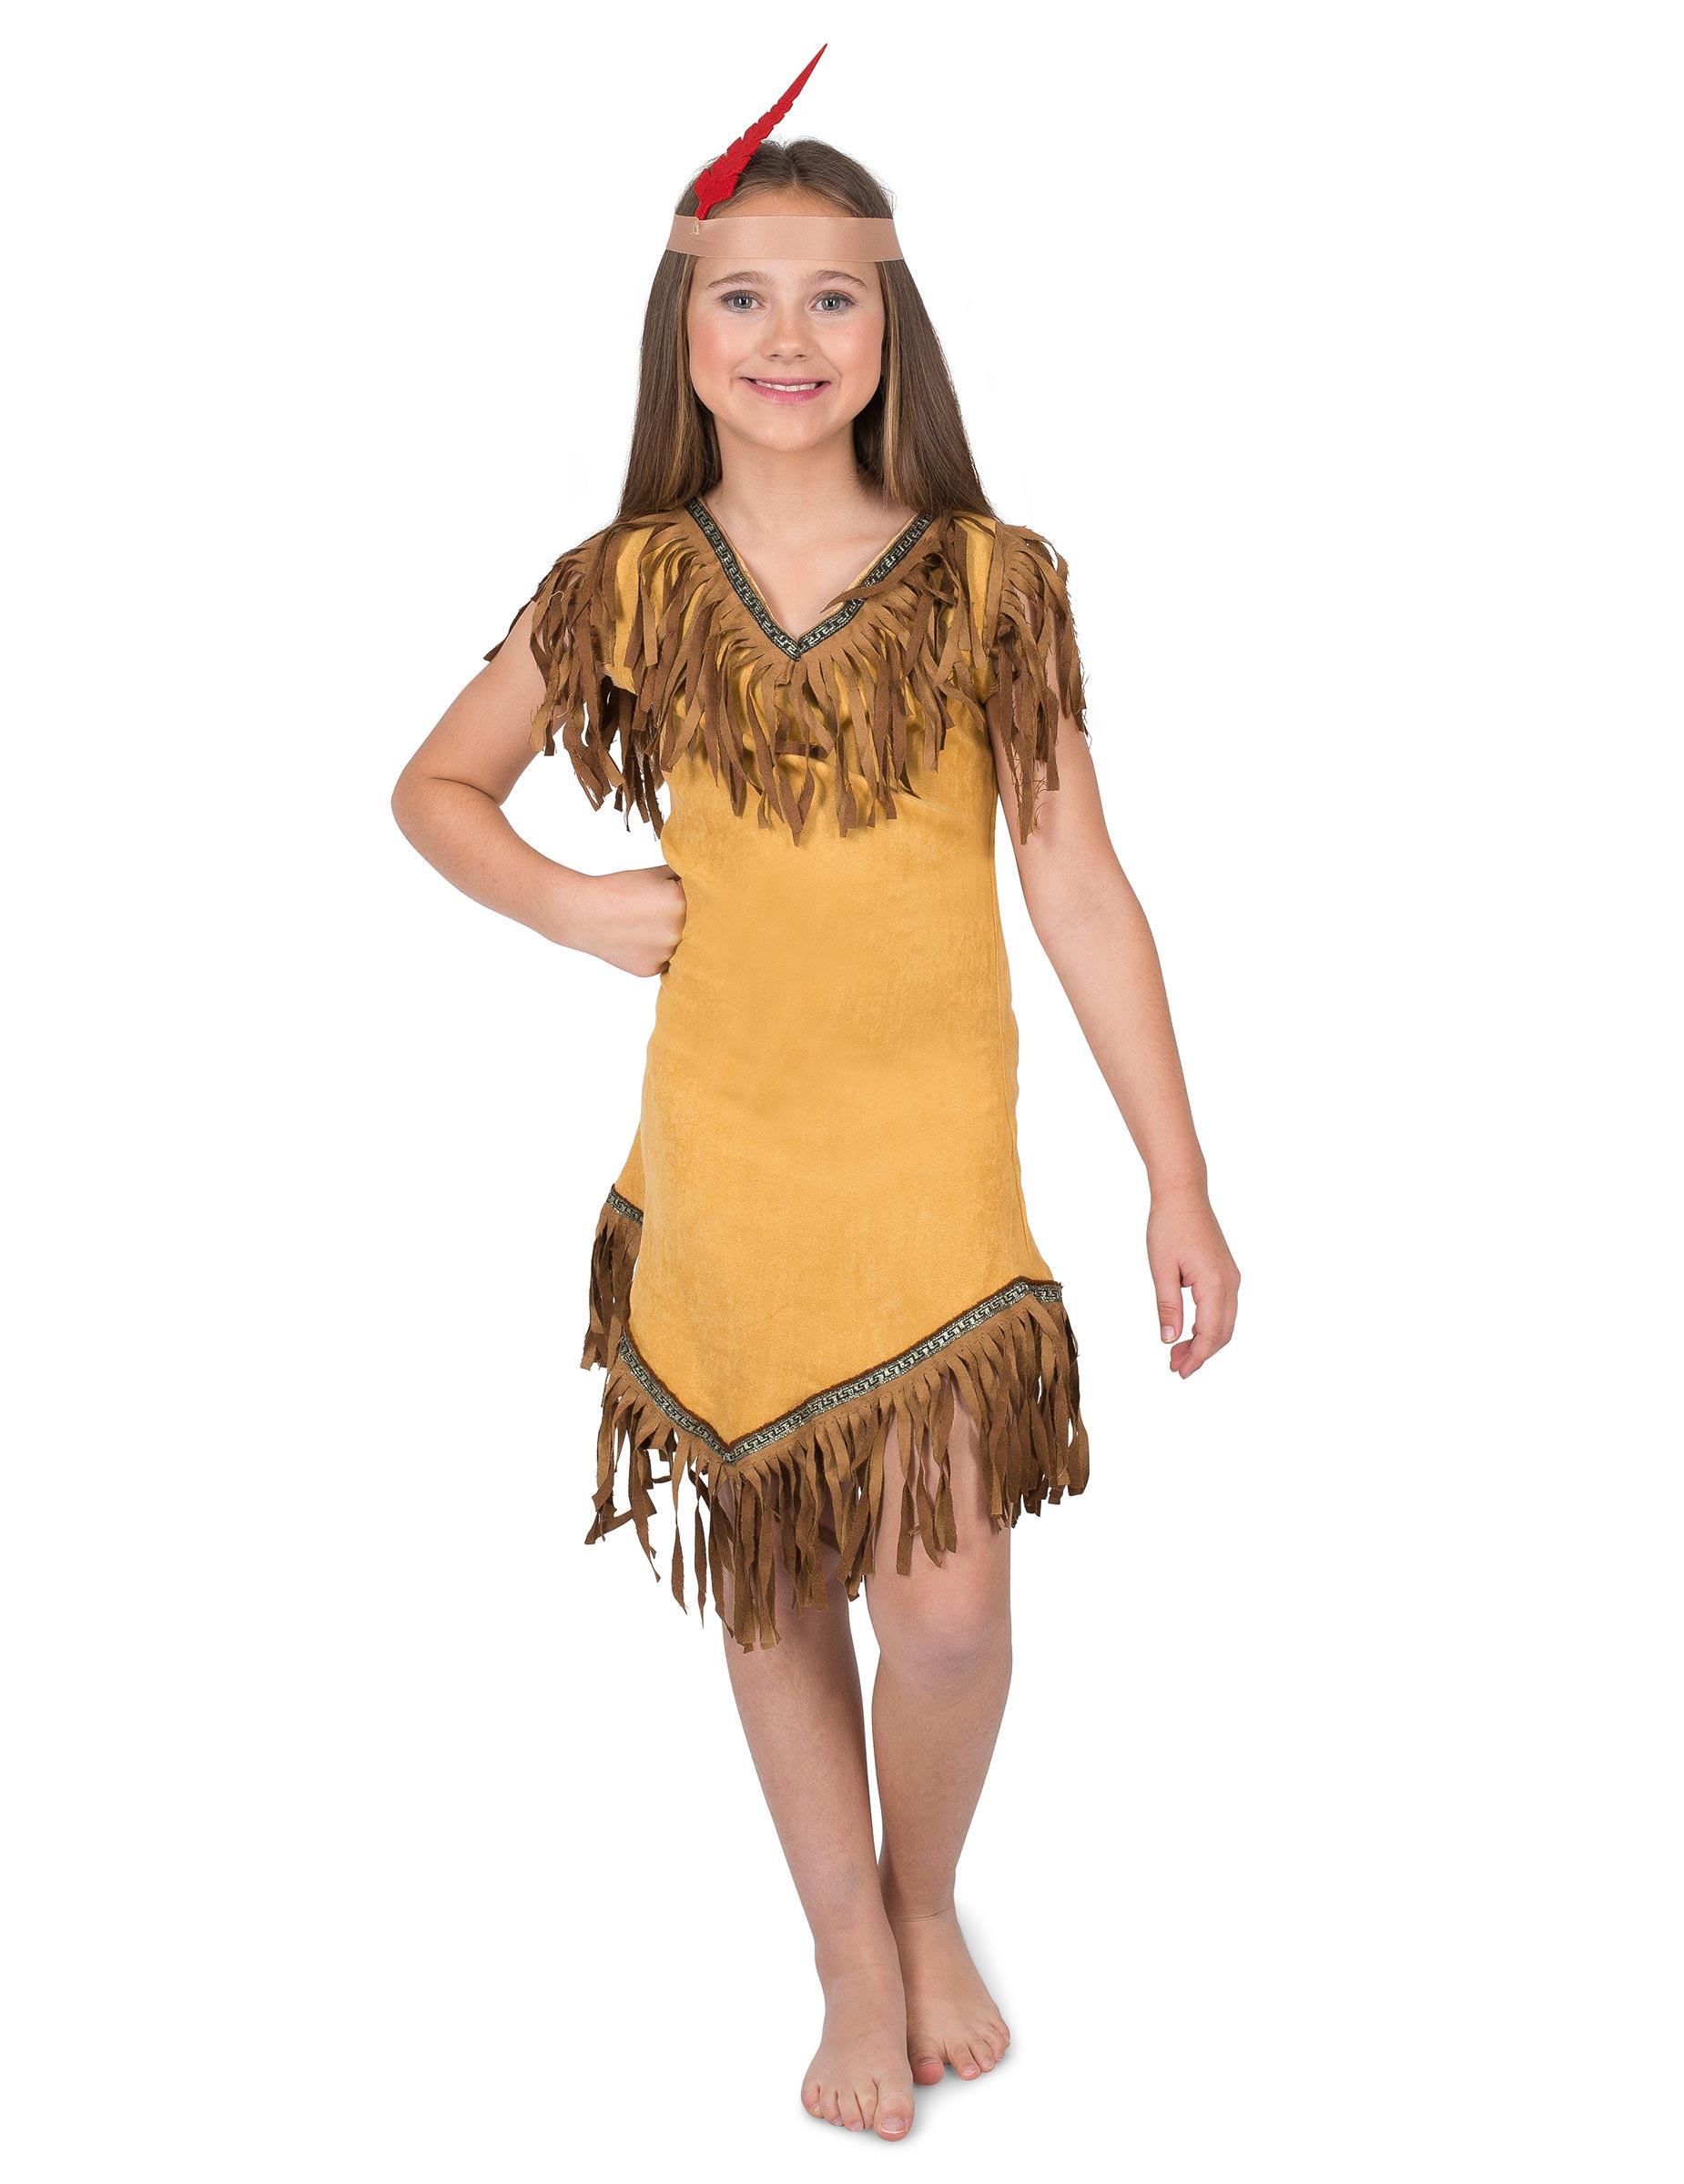 d147e55d9 Disfarces Crianças Western índios e fatos de carnaval menina e ...